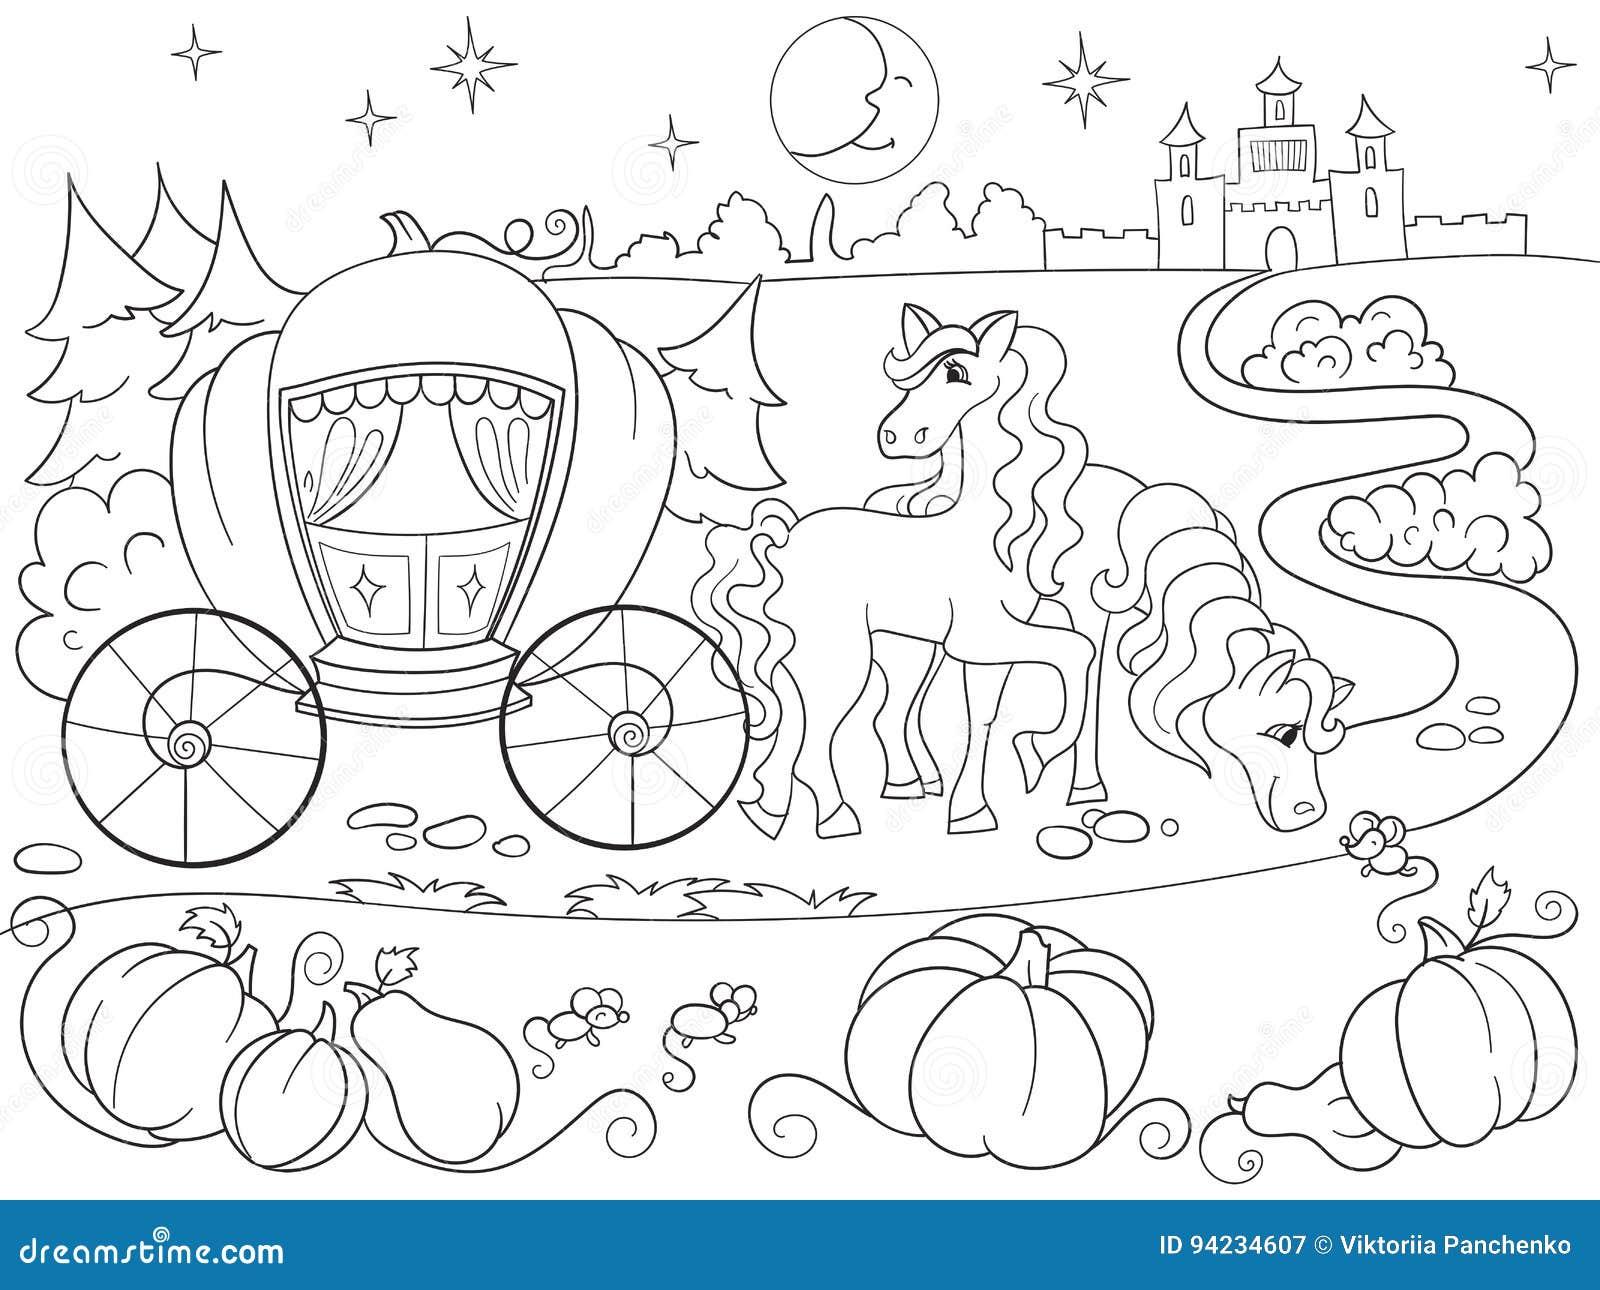 Livro Para Colorir Do Conto De Fadas De Cinderella Para A